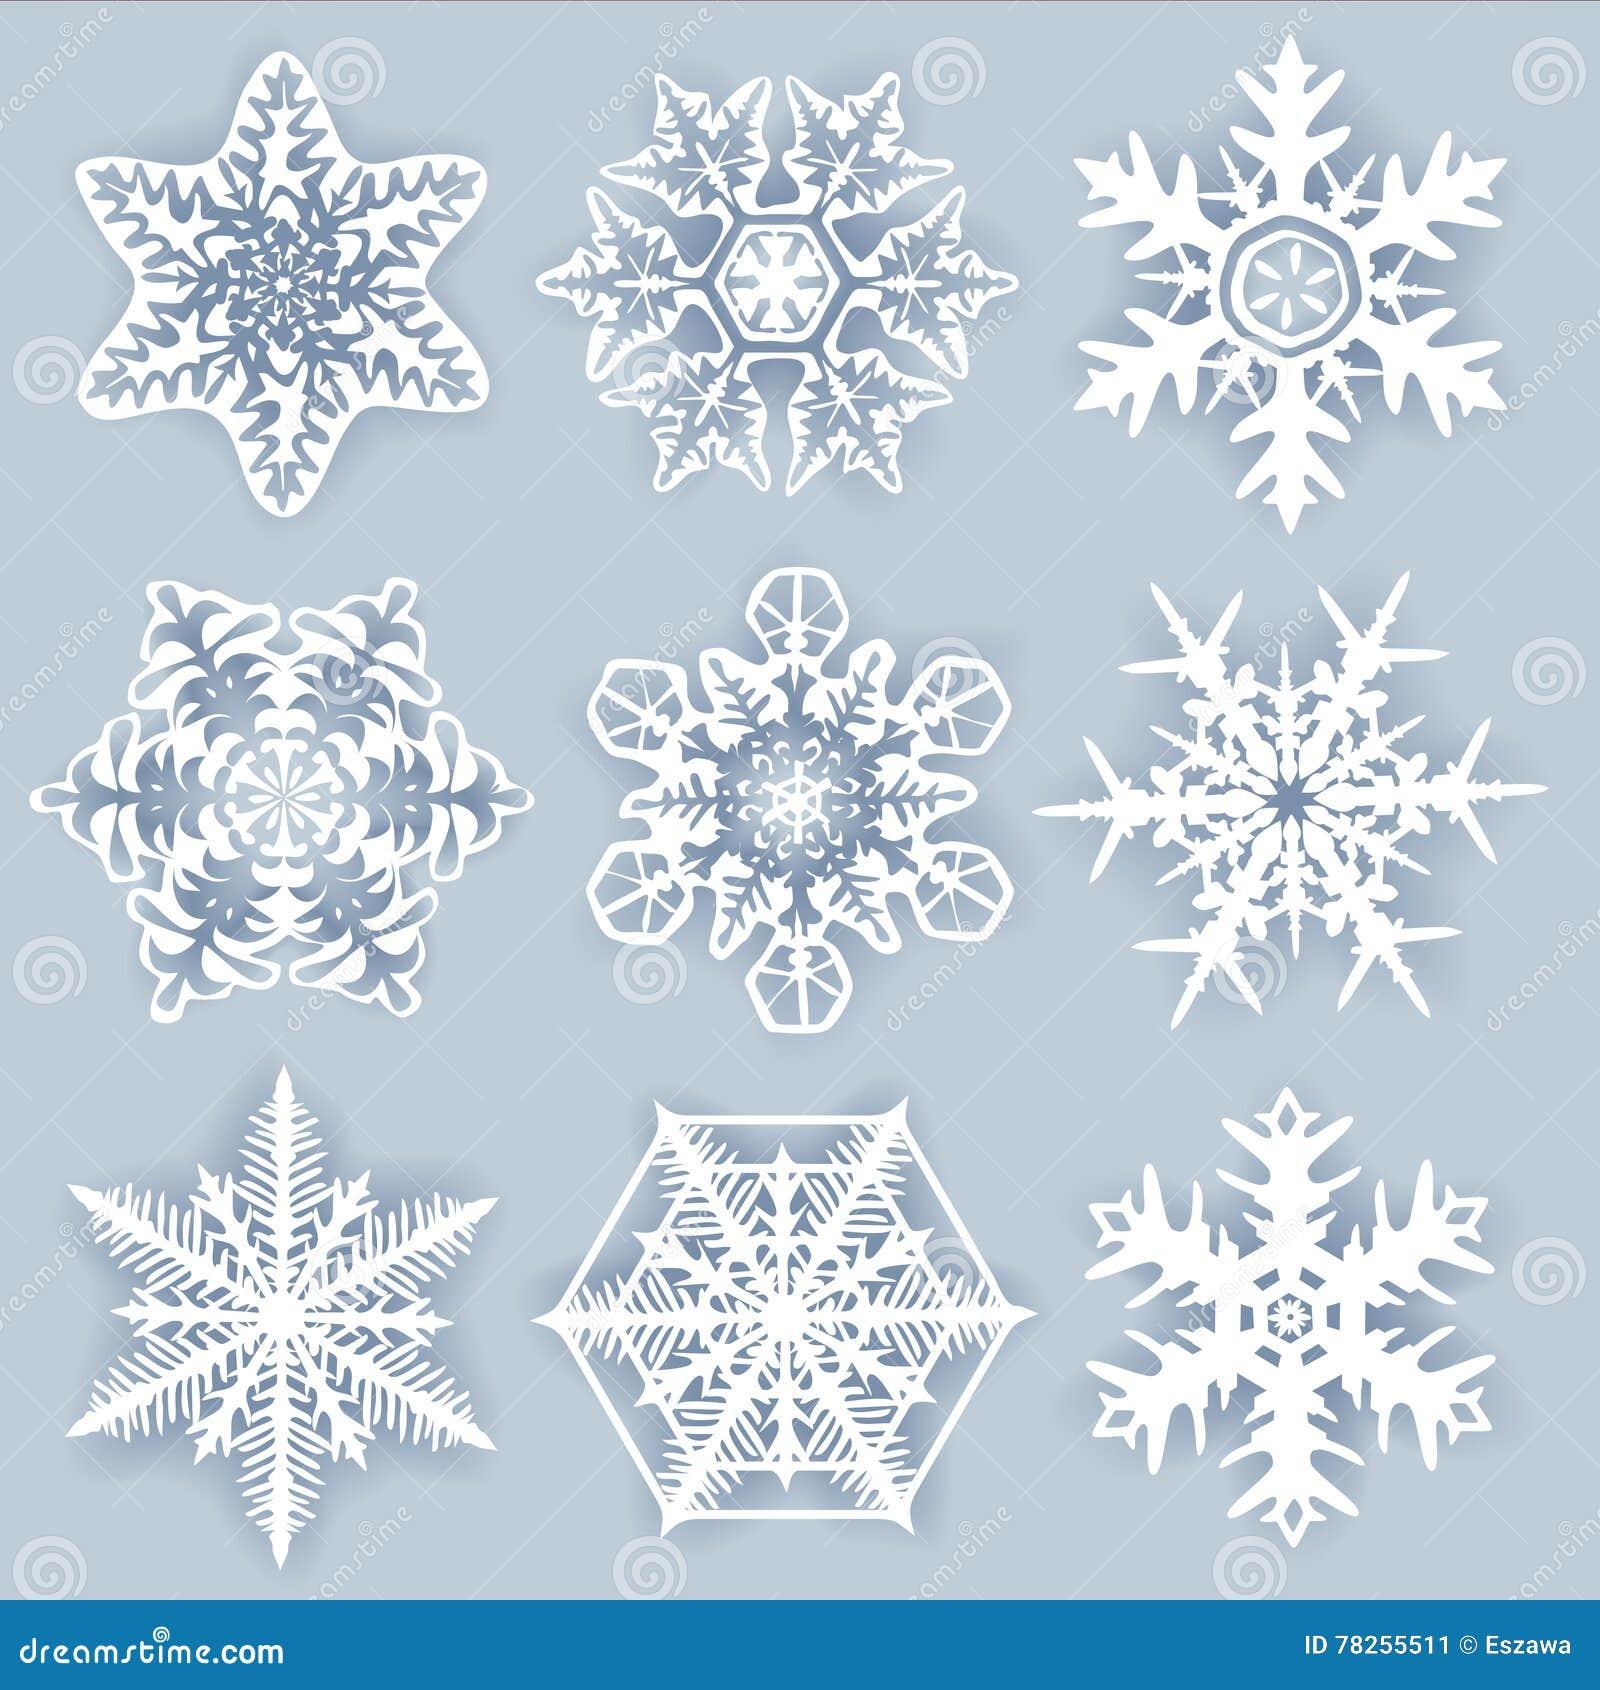 Snowflakes κρυστάλλου - διάνυσμα που τίθεται για τους σχεδιαστές